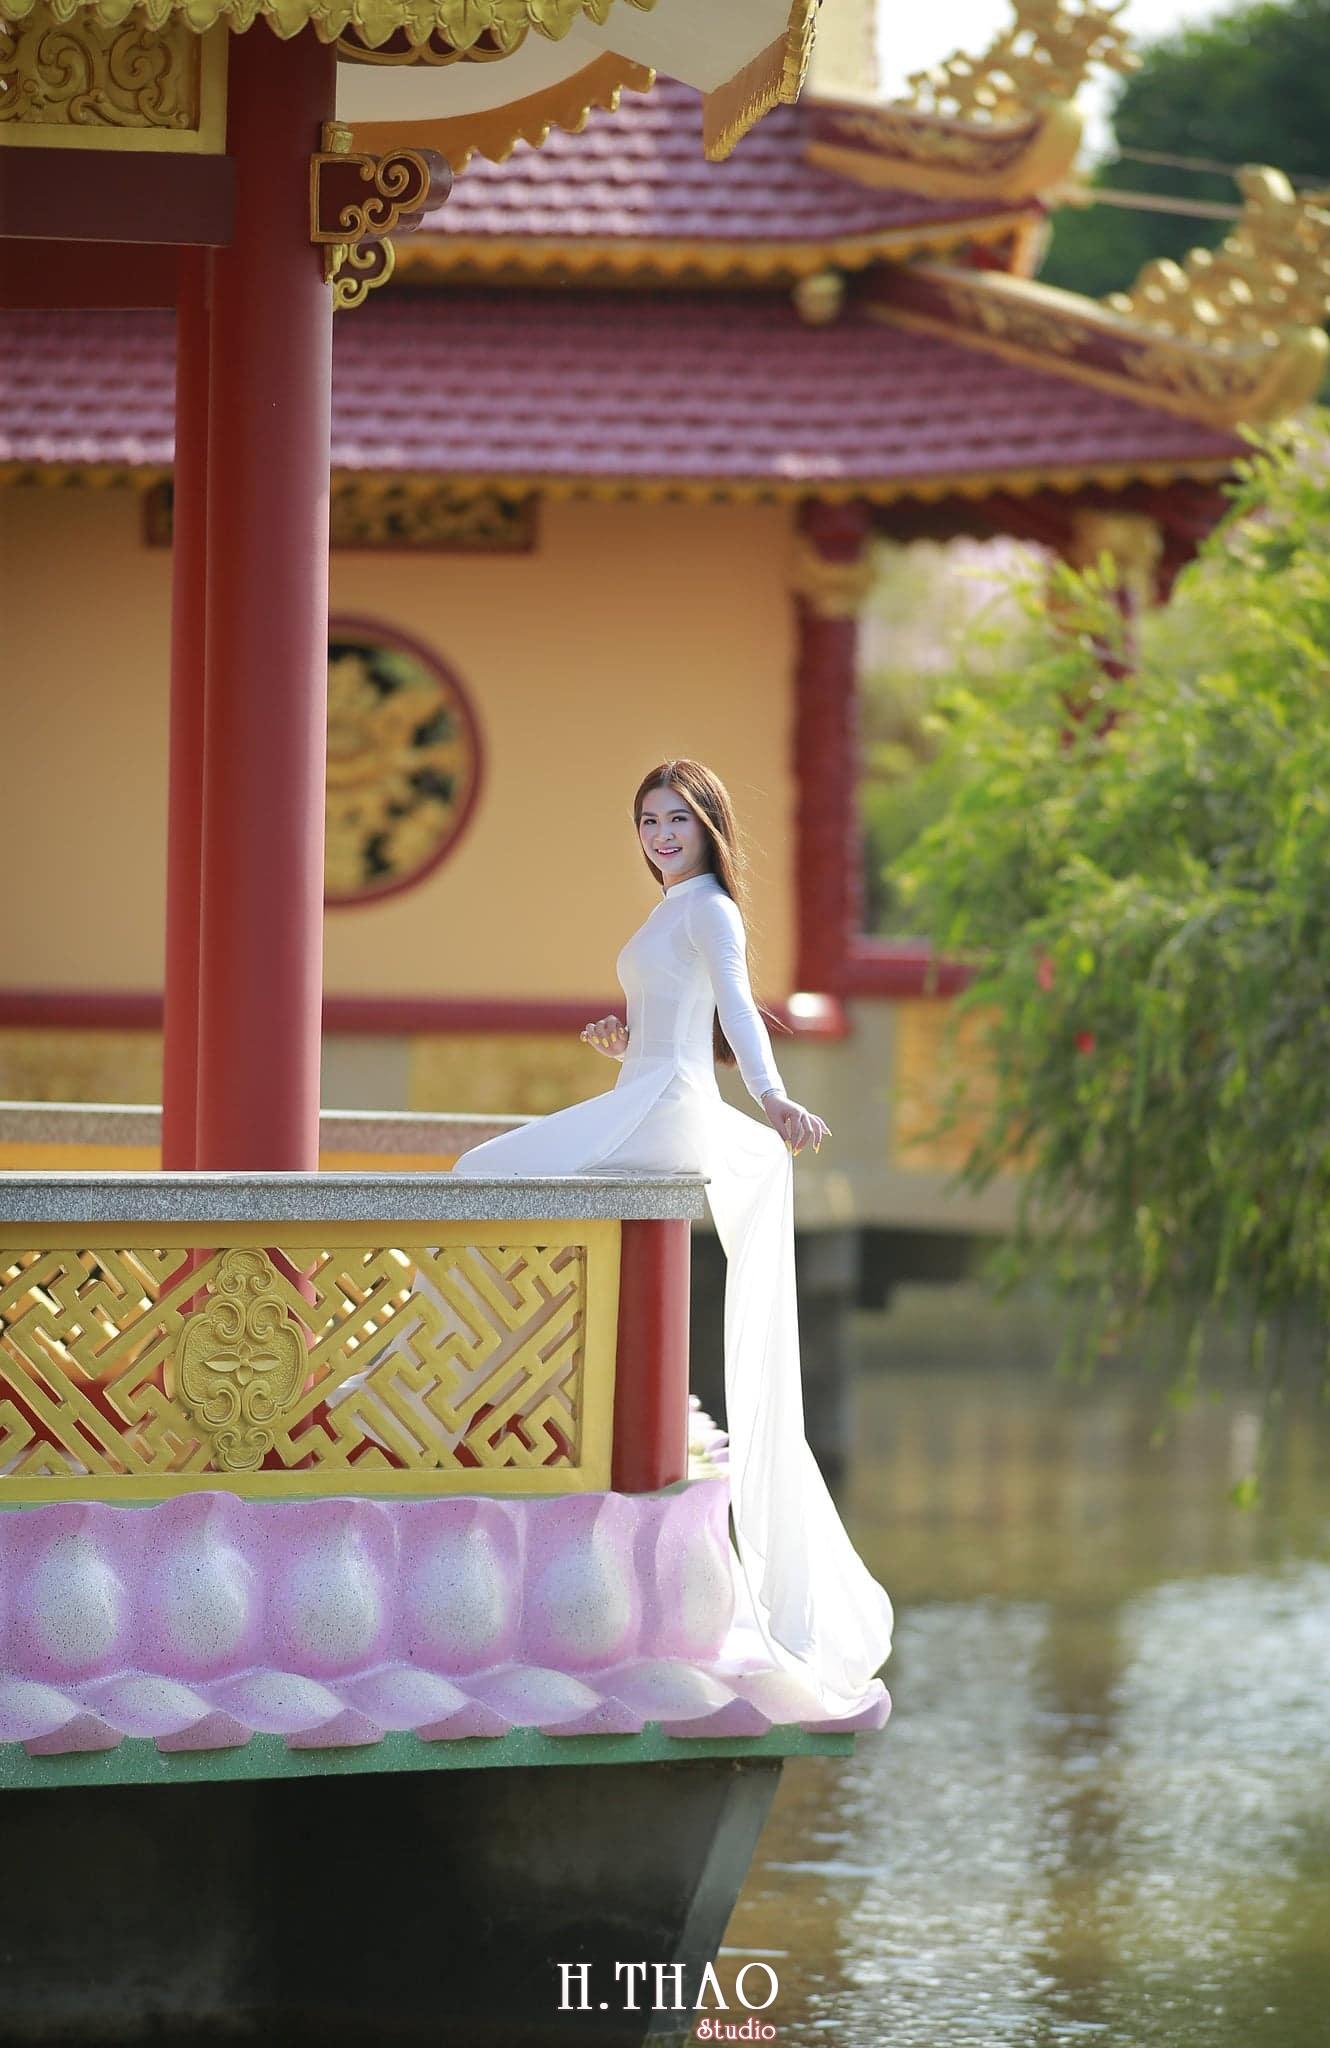 Anh ao dai viet nam 9 - 49 cách tạo dáng chụp ảnh với áo dài tuyệt đẹp - HThao Studio